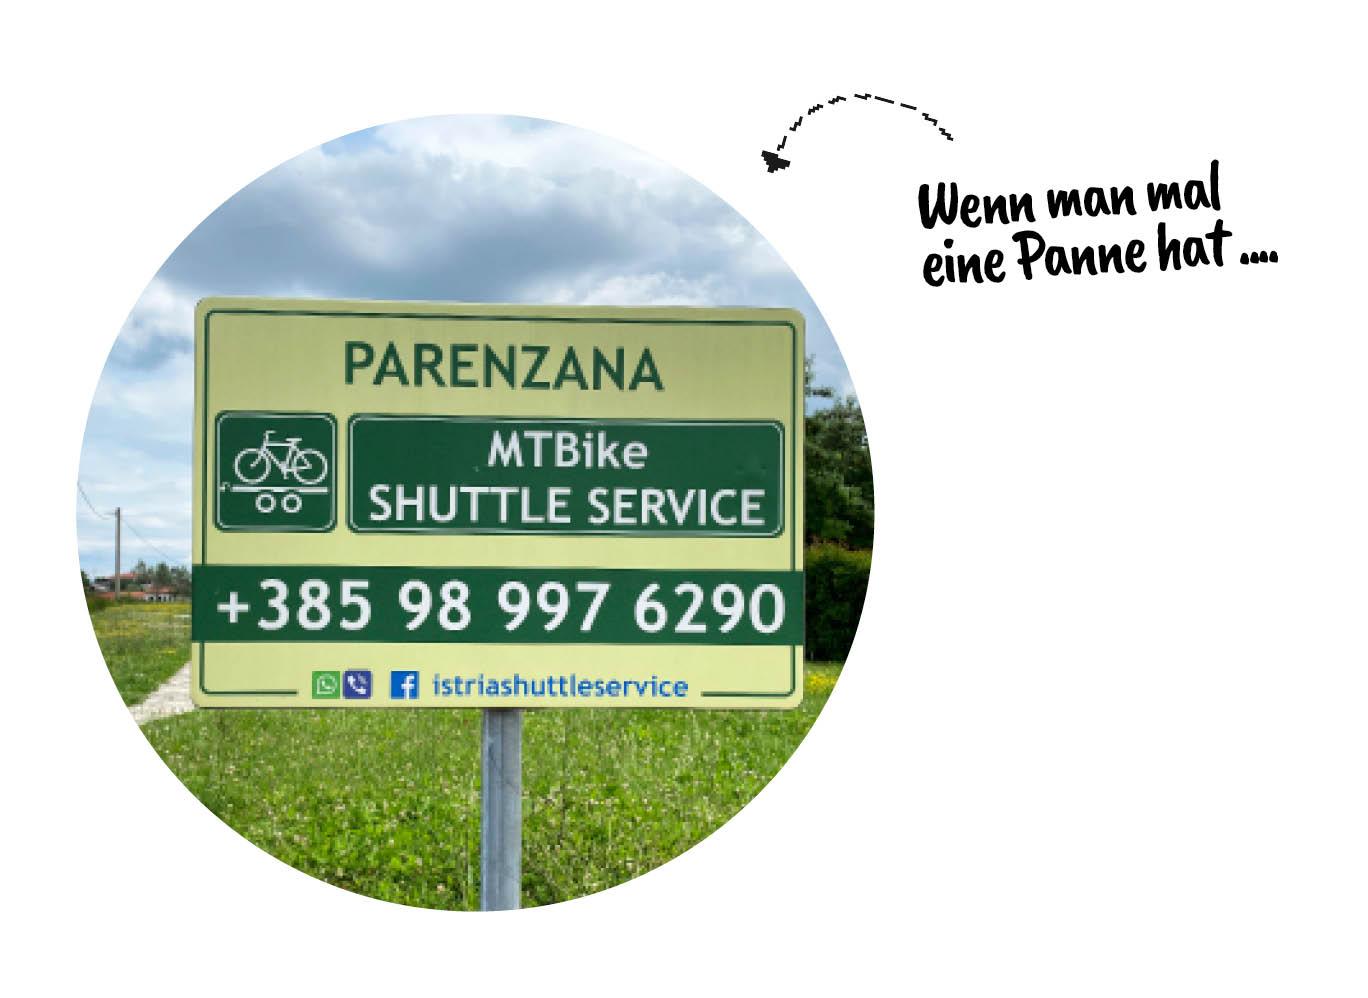 Parenzana: Wenn man mal eine Panne hat ...